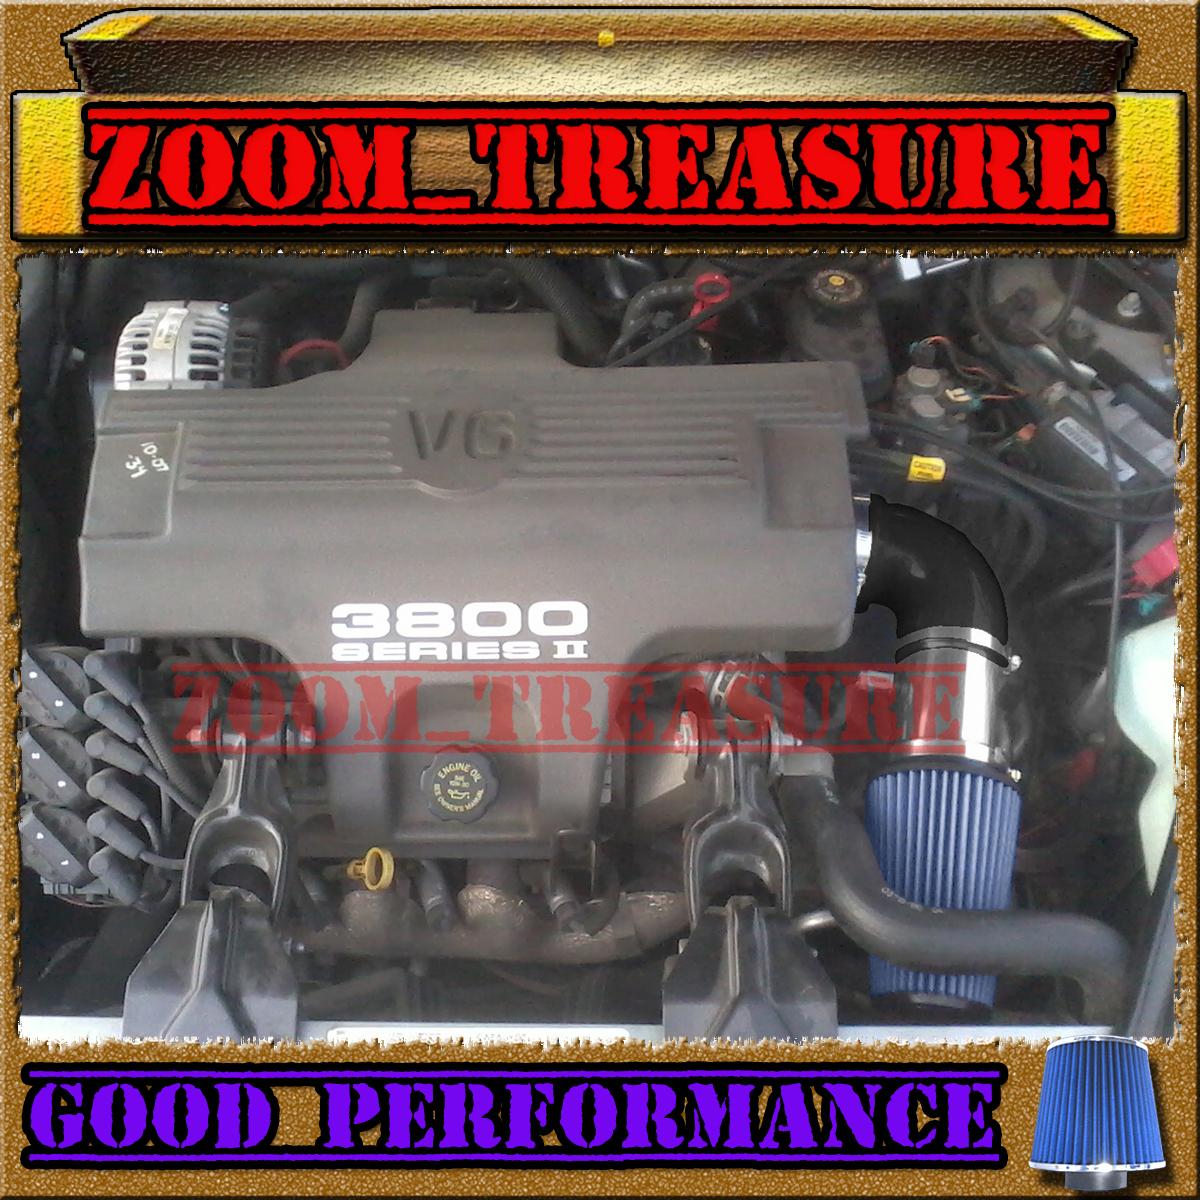 Filter Black Blue For 1997-2005 Buick Regal 3.8L V6 Air Intake System Kit